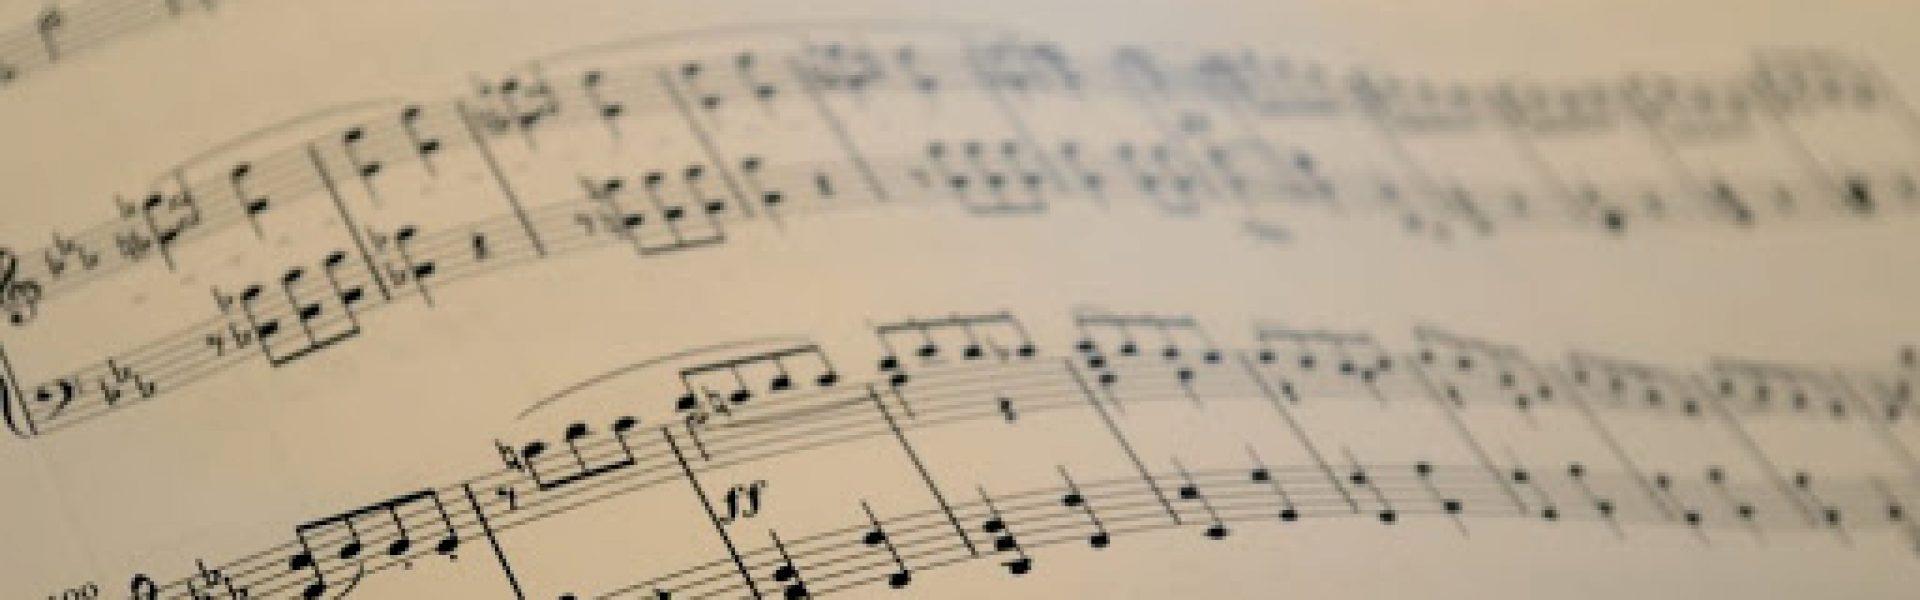 partitura3